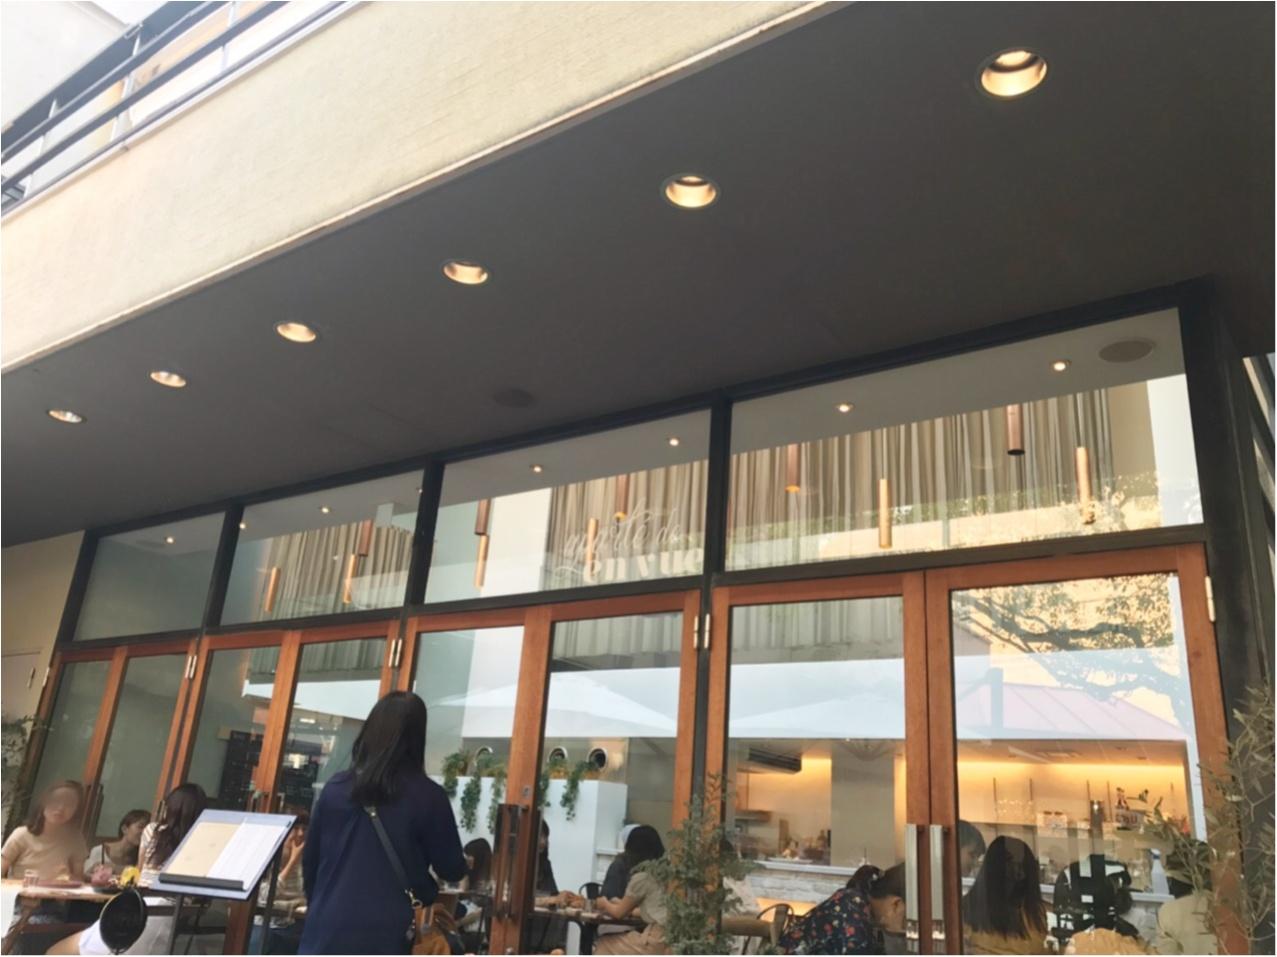 大阪カフェ★いちばんおしゃれな街・堀江の評判◯△◻︎(マルサンカクシカク)のタルトも食べられる!緑いっぱいのカフェ♡♡_1